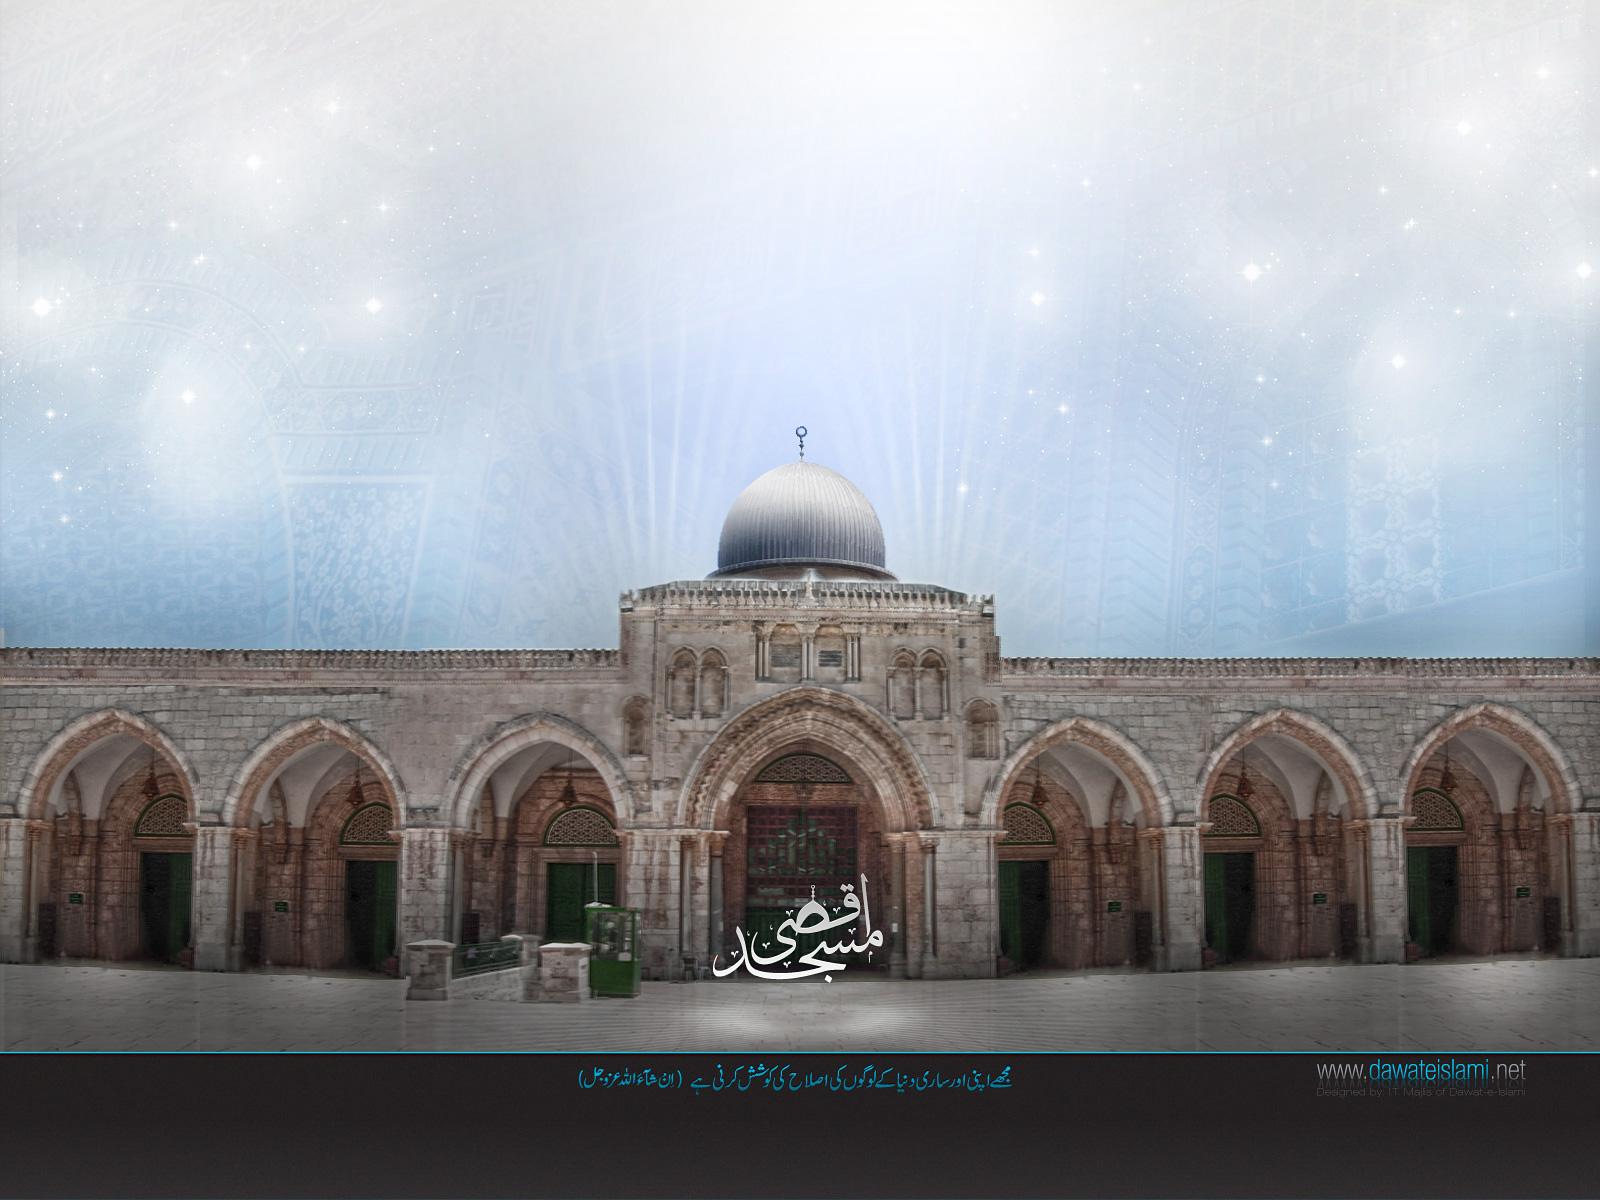 Al aqsa mosque by kashif k on deviantart - Al aqsa mosque hd wallpapers ...